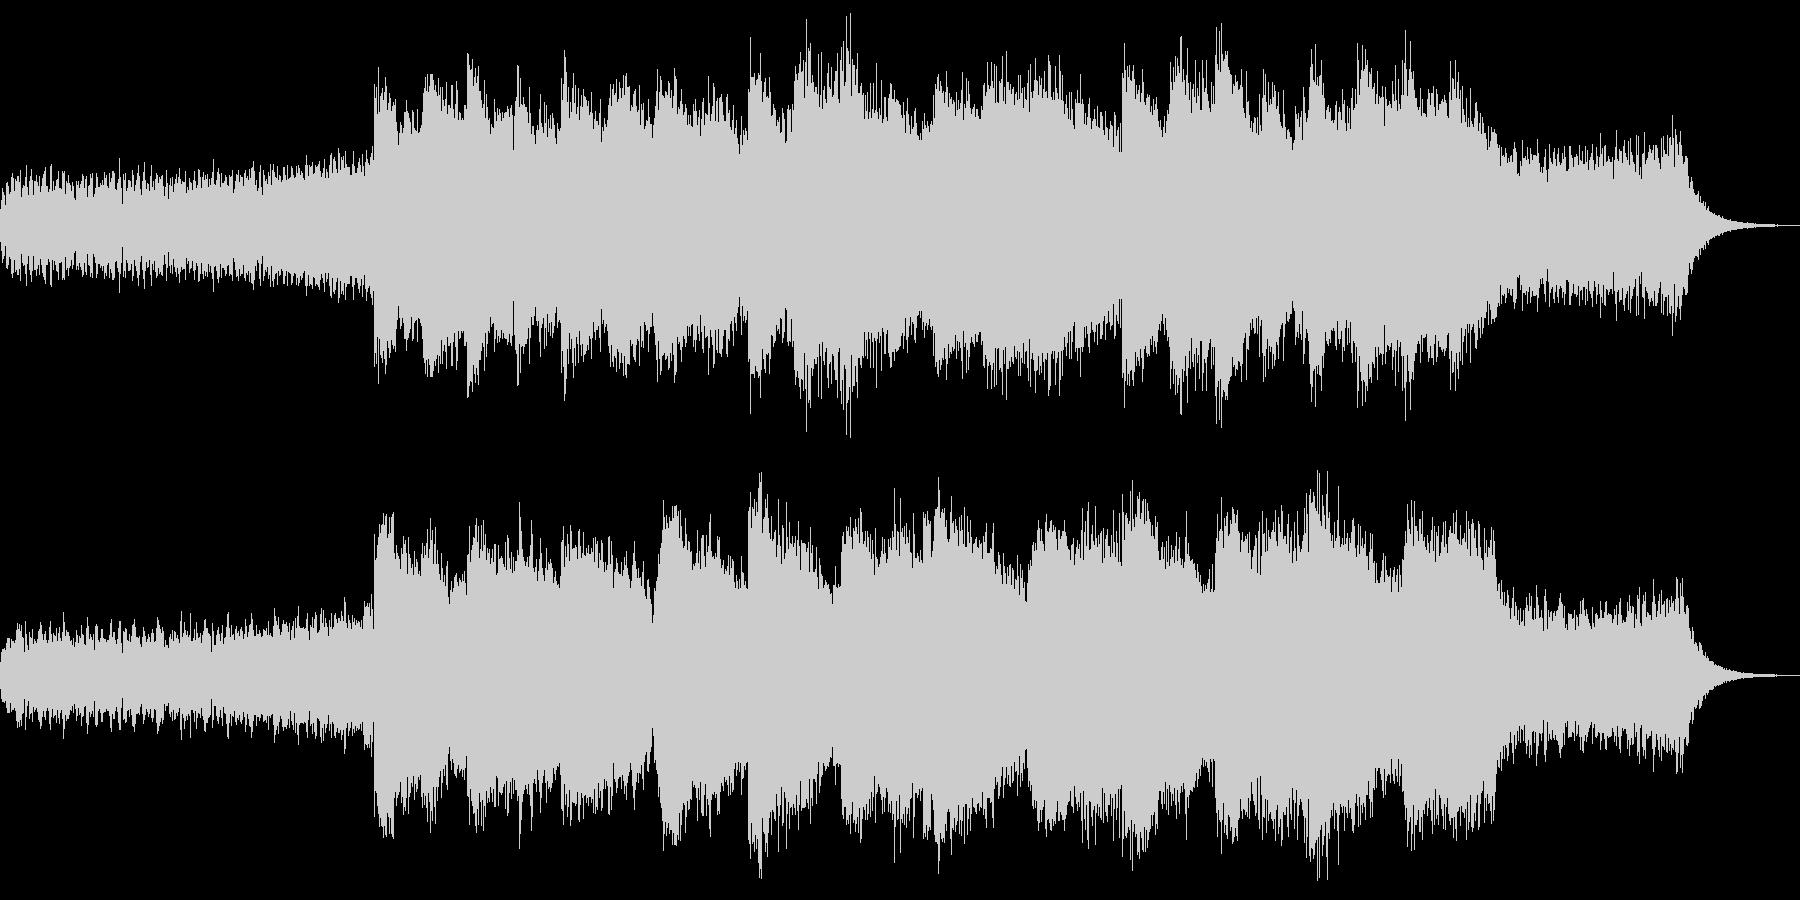 神秘的で覚醒するようなシンセループ曲の未再生の波形